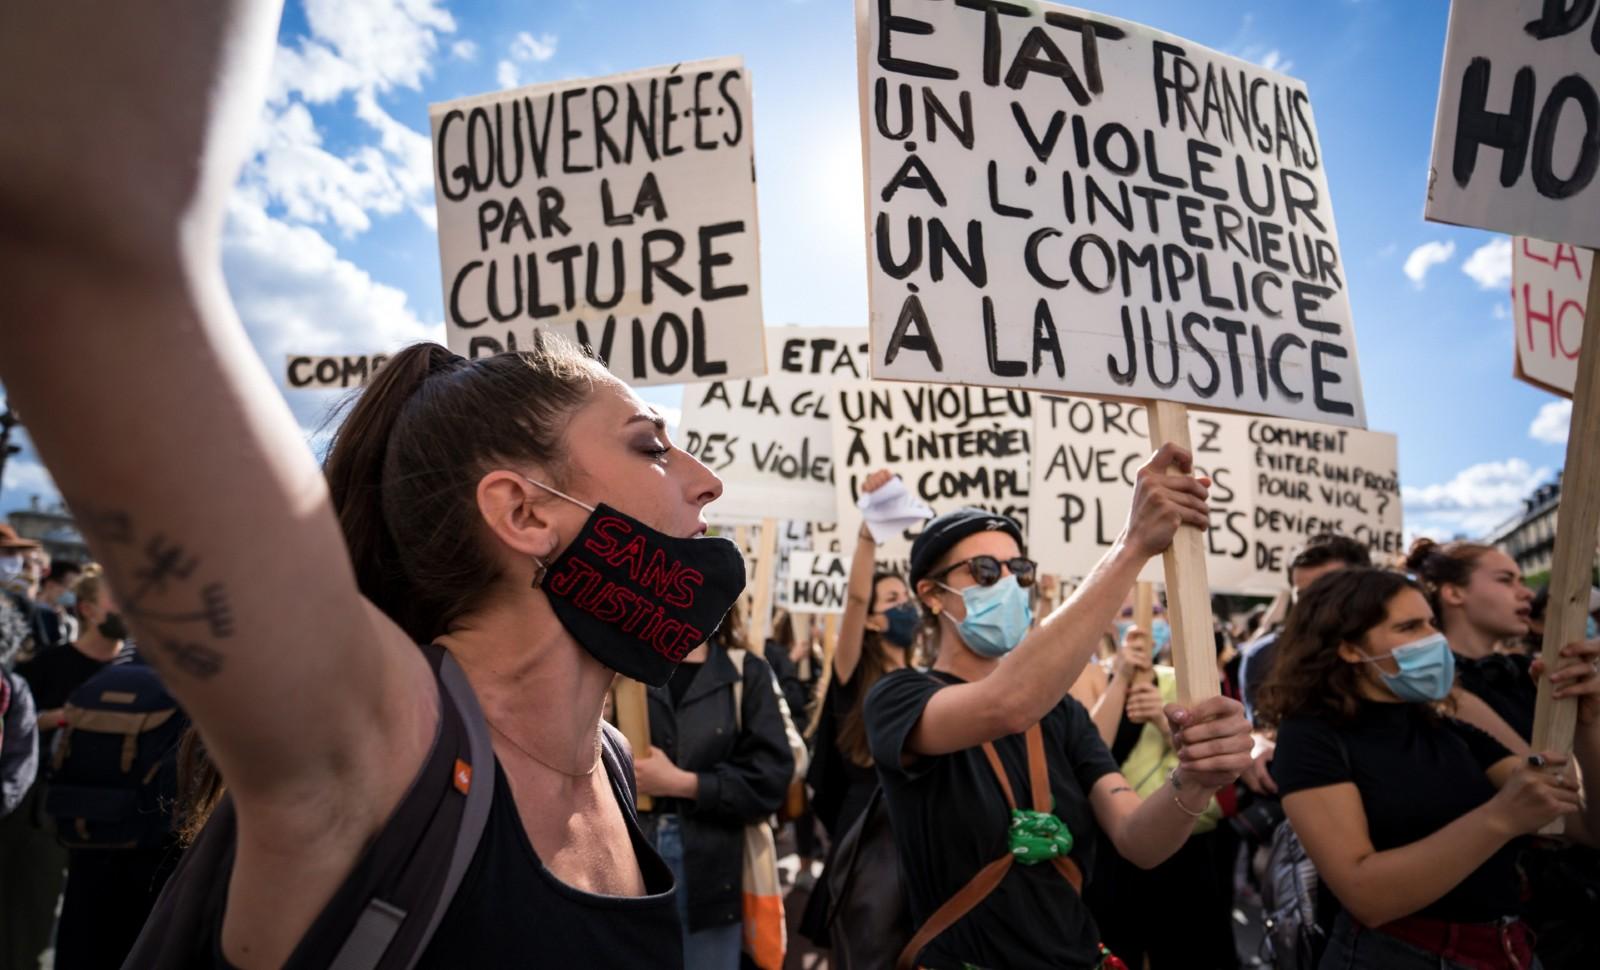 Militants féministes radicaux, le 10 juillet 2020 à Paris © Gabrielle CEZARD / BRST / SIPA Numéro de reportage: 00972106_000003